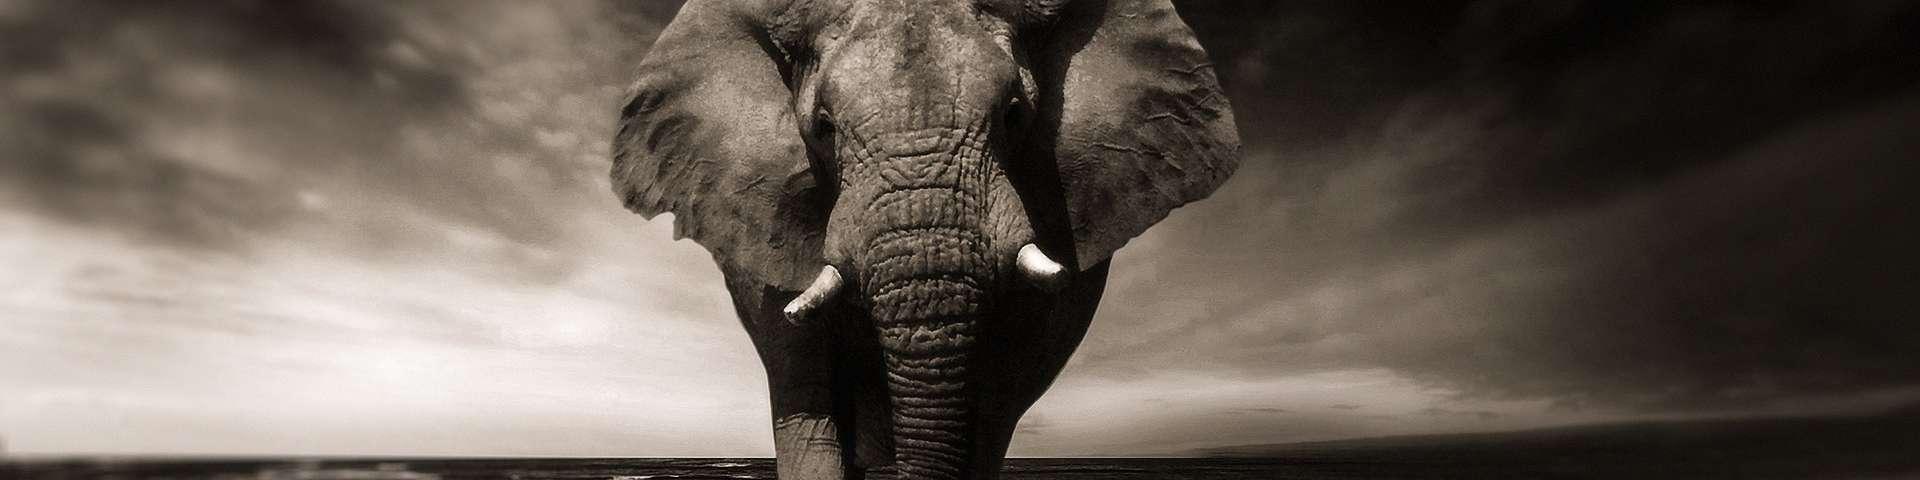 oudste dieren